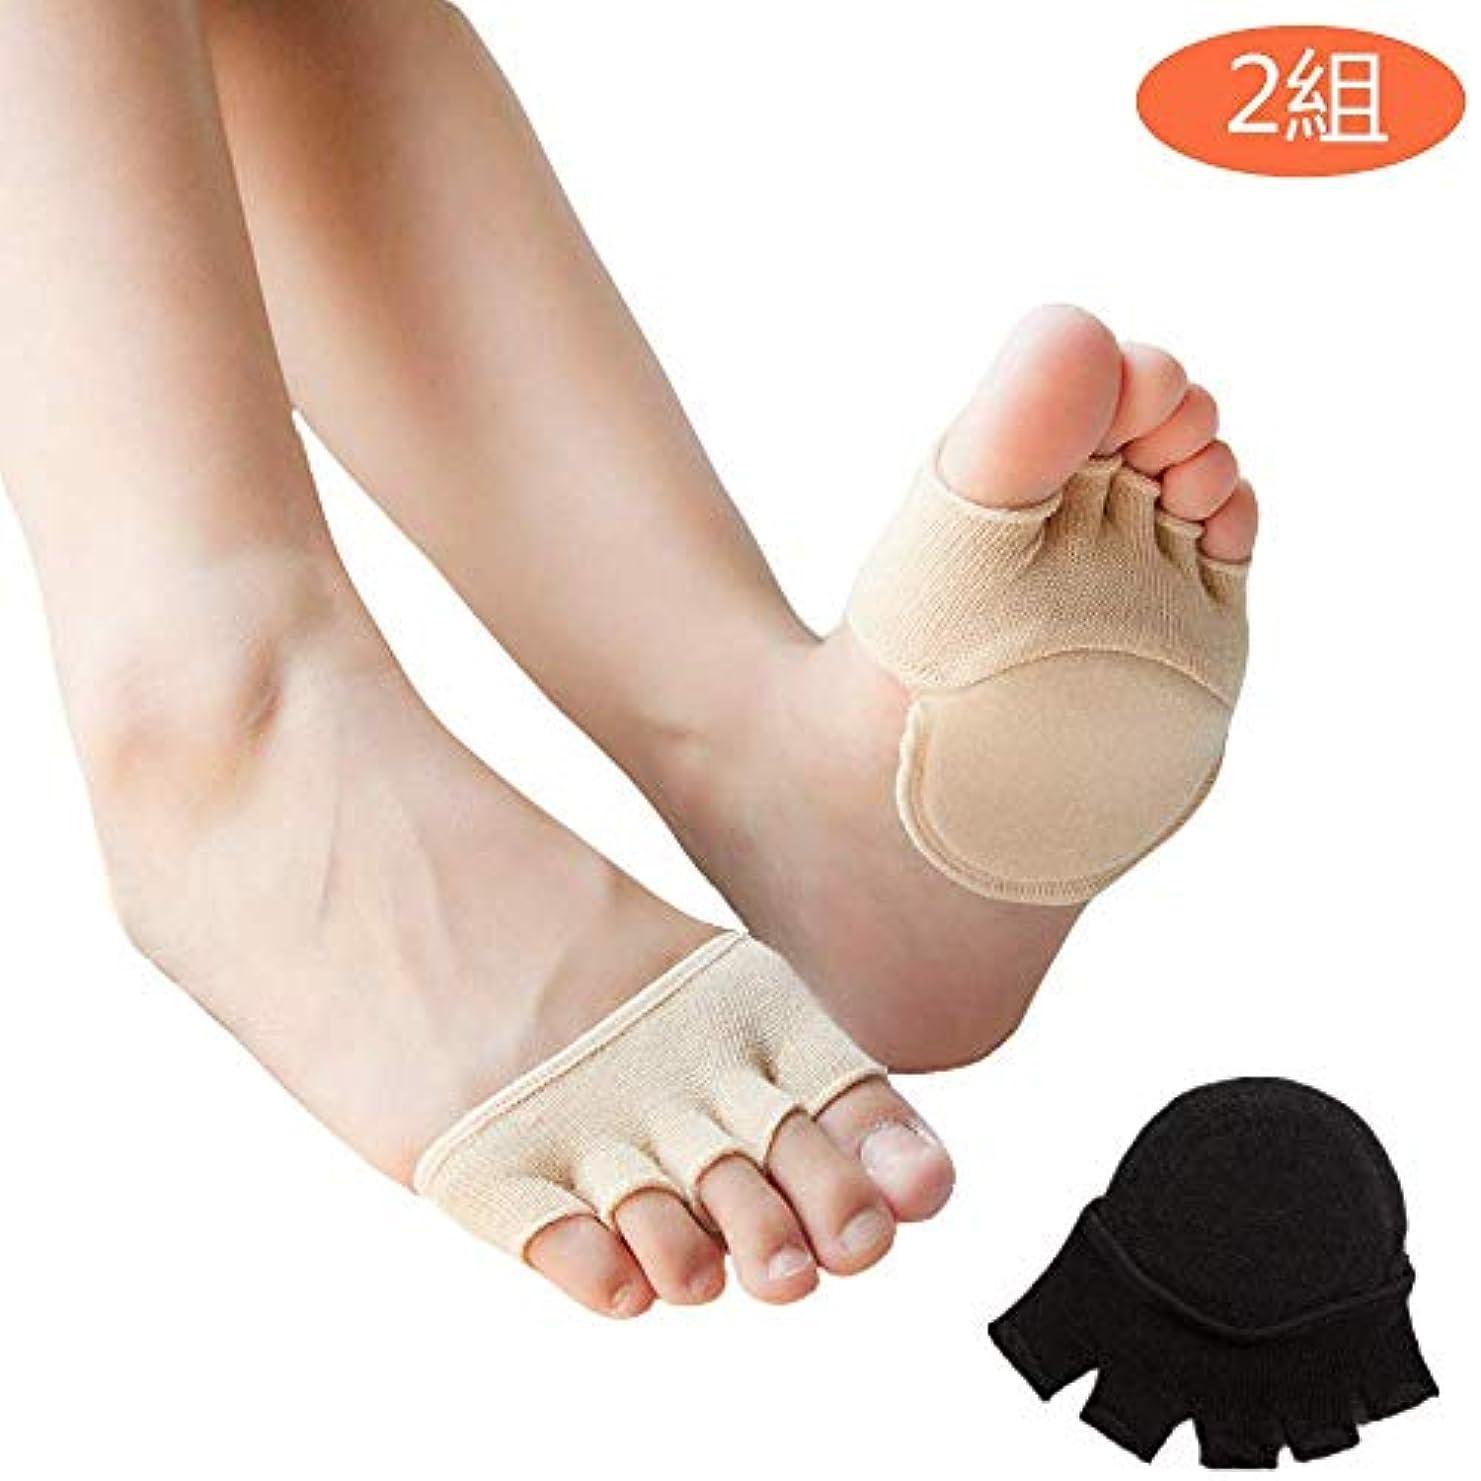 収束するあさりスワップつま先 5本指 足底クッション付き 前足サポーター 足の臭い対策 フットカバー ヨガ用靴下 浅い靴下半分つま先 夏 超薄型 (2組)